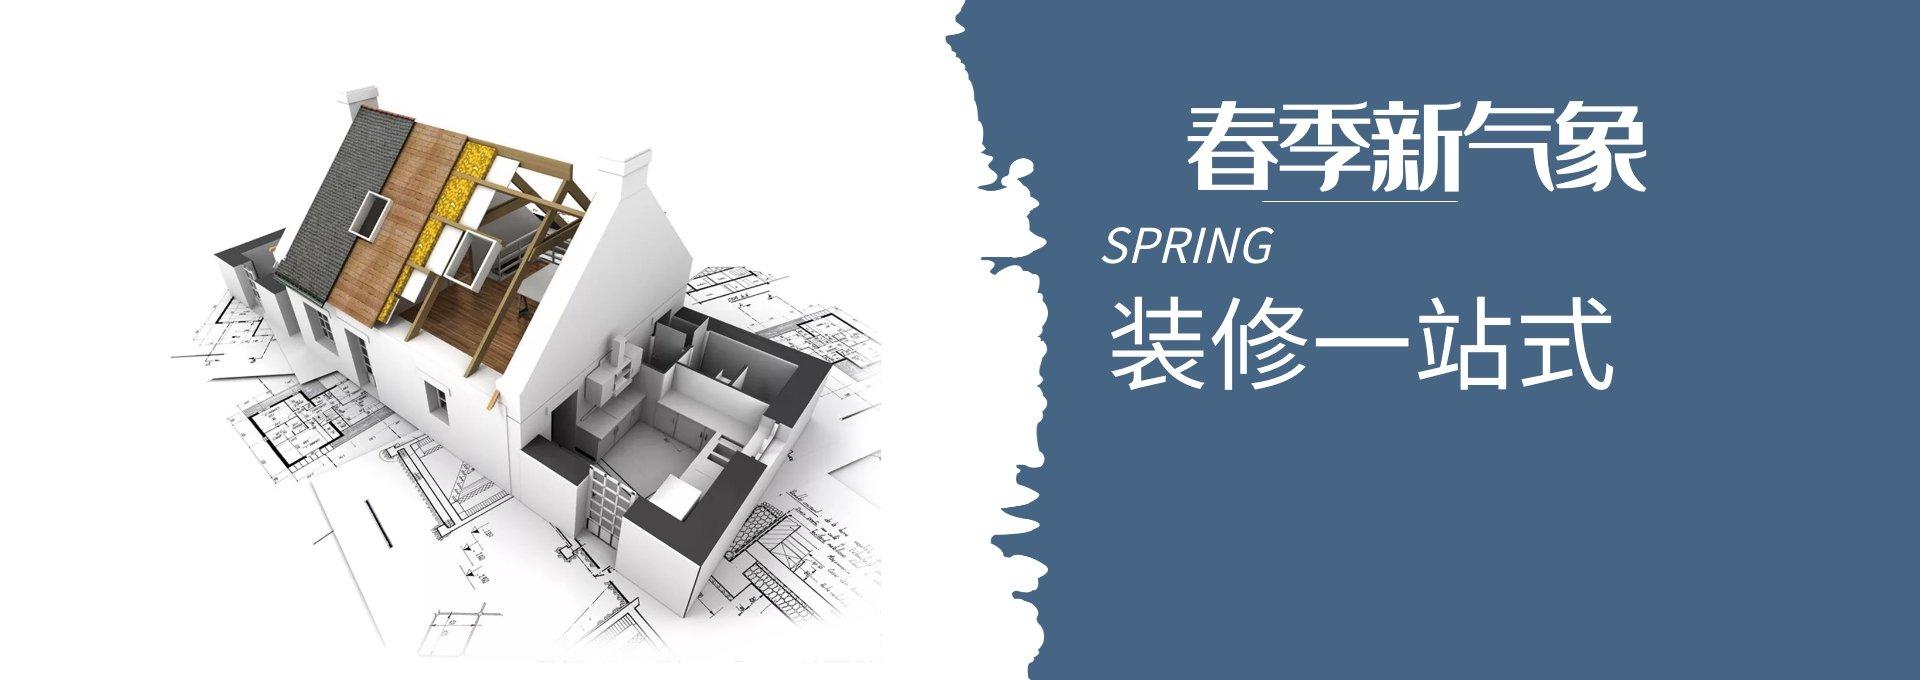 春季装修季